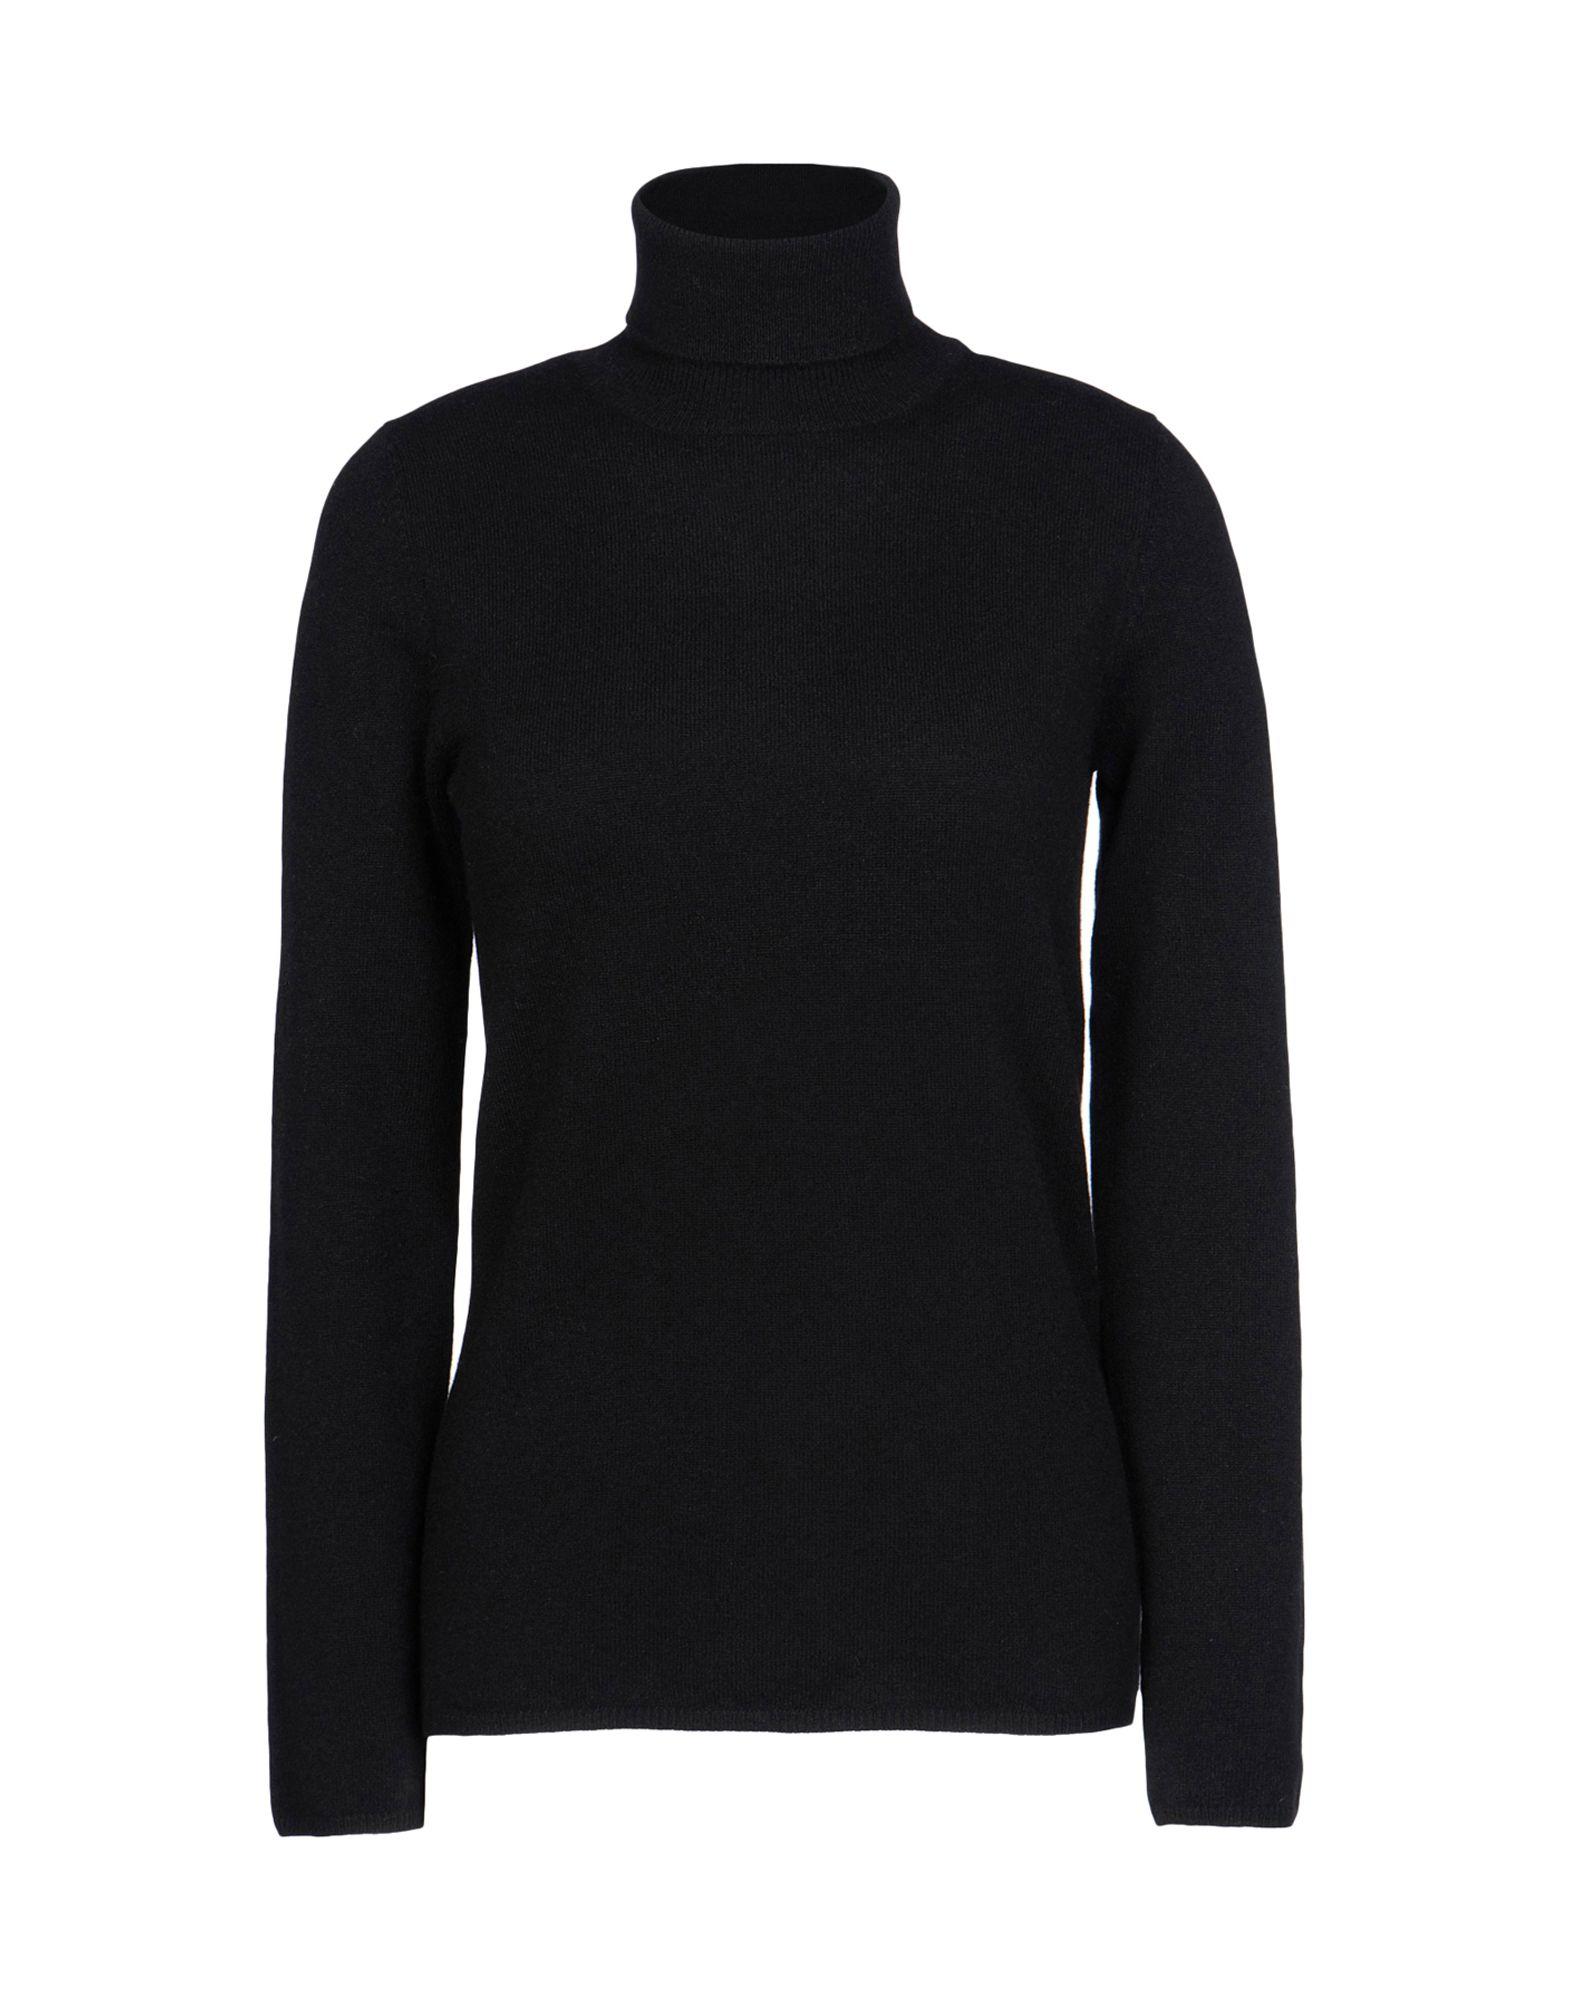 Кашмирен пуловер8 231 лв.  Кашмиреният пуловер от месеци насам заема своето място в списъка ни с желания!